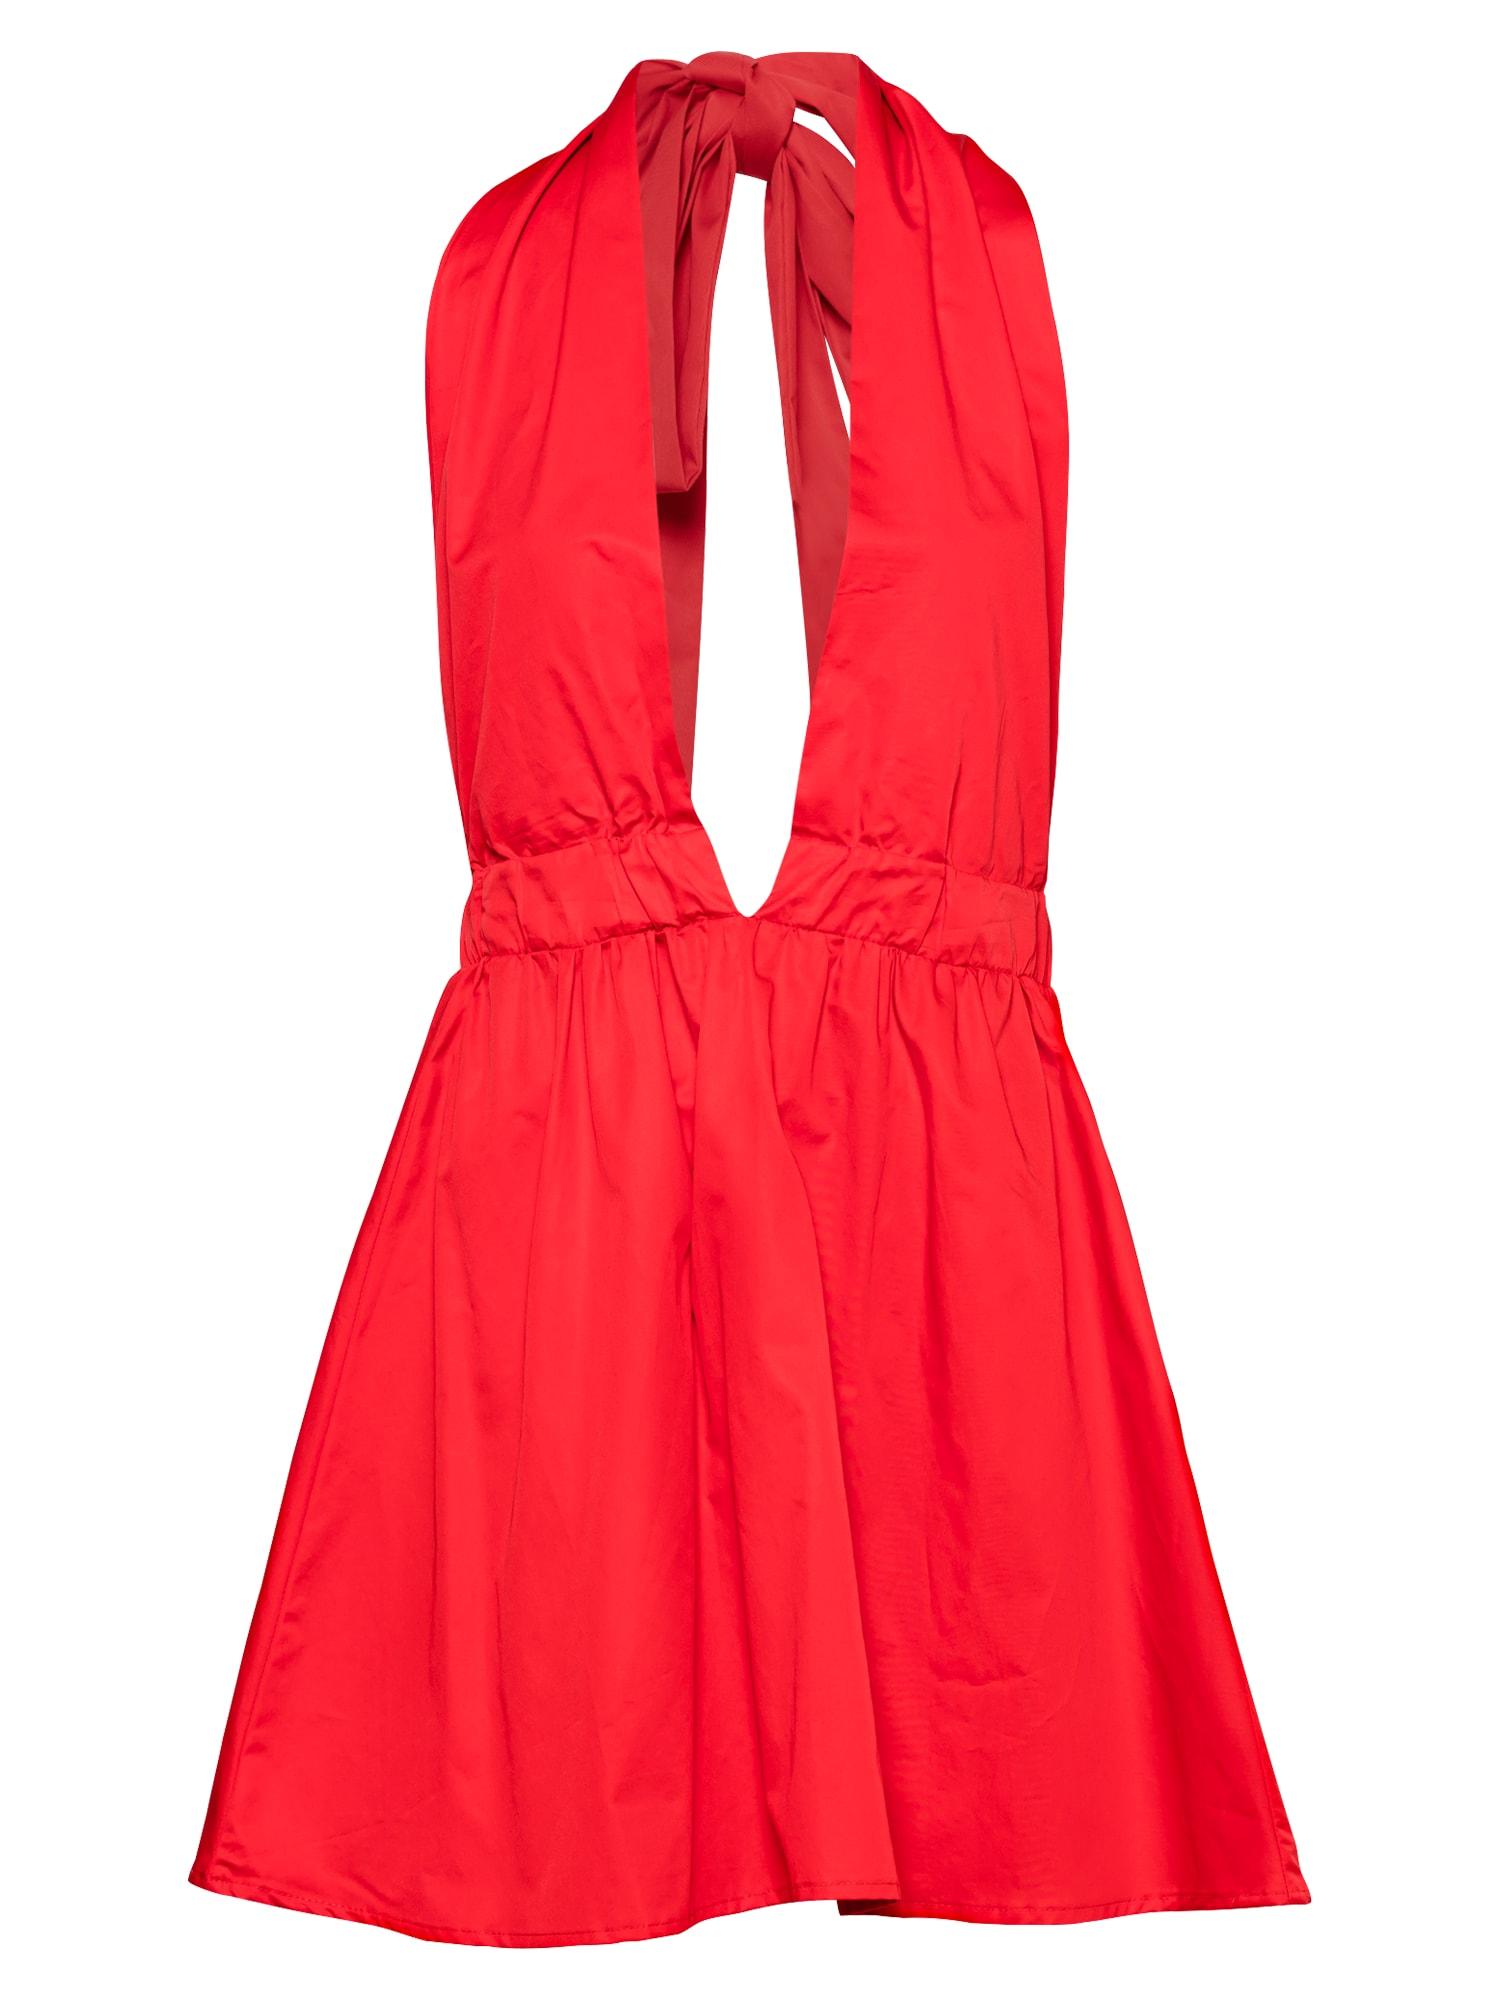 KENDALL + KYLIE Kokteilinė suknelė raudona